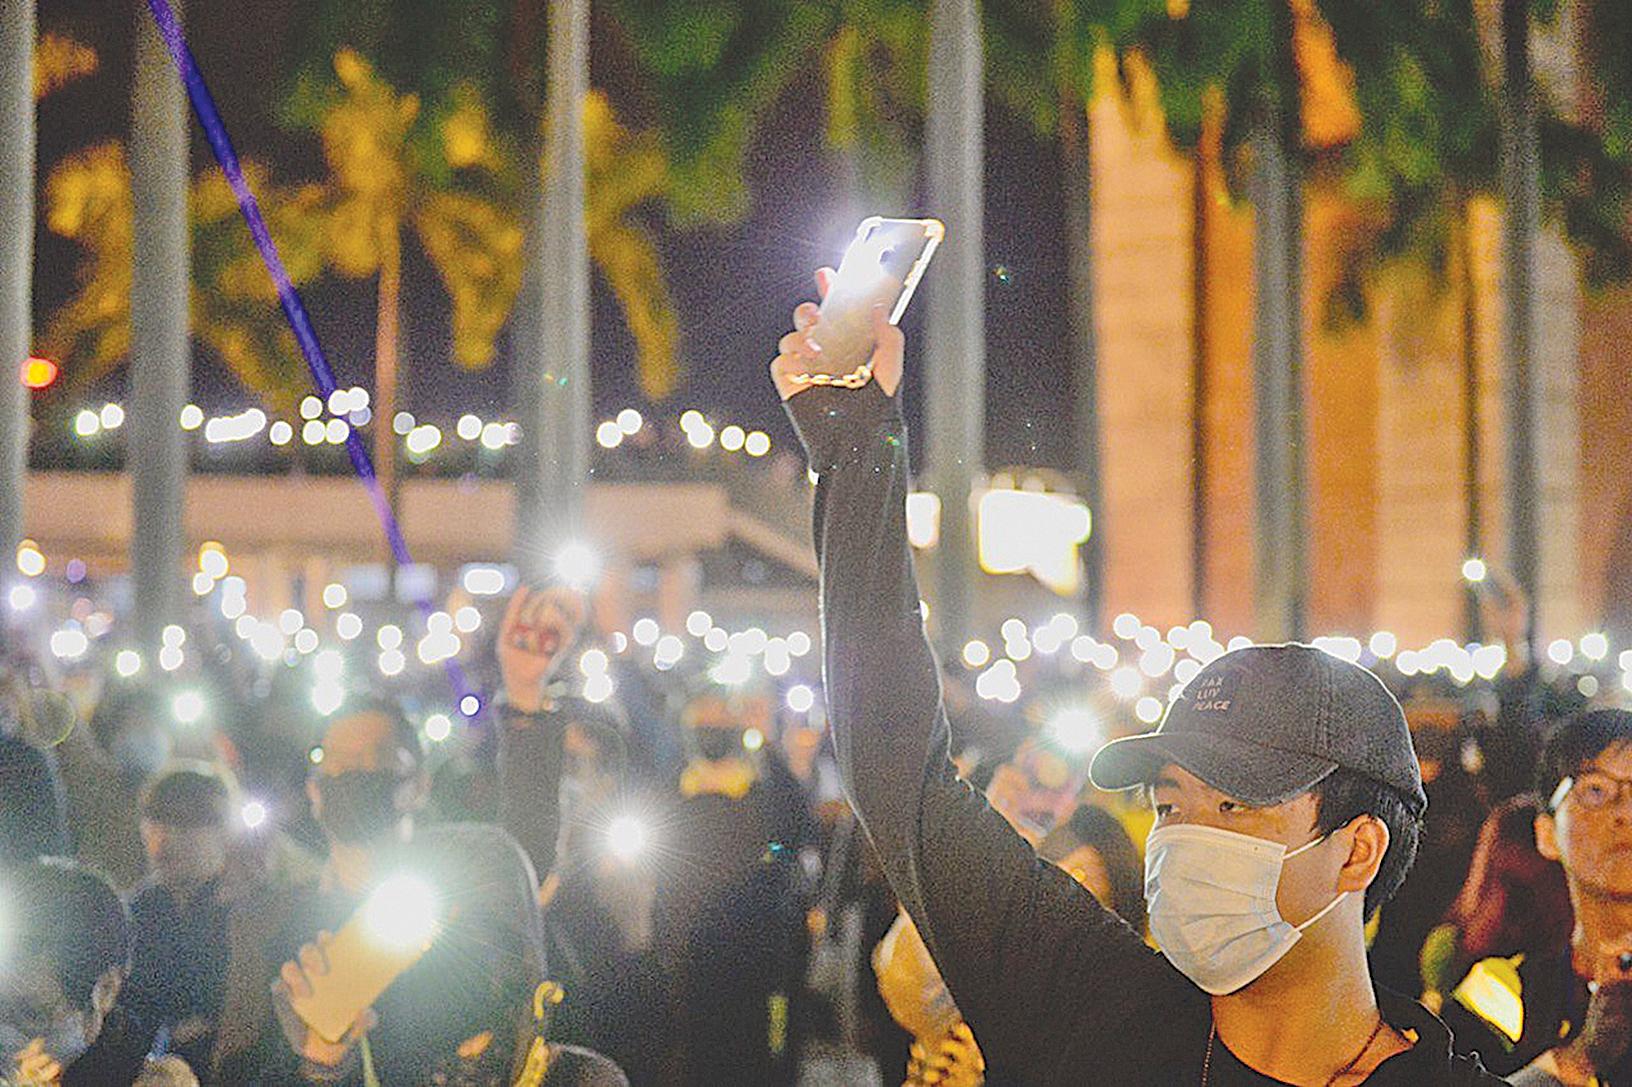 美移民局予兩名「反送中」港青政治庇護